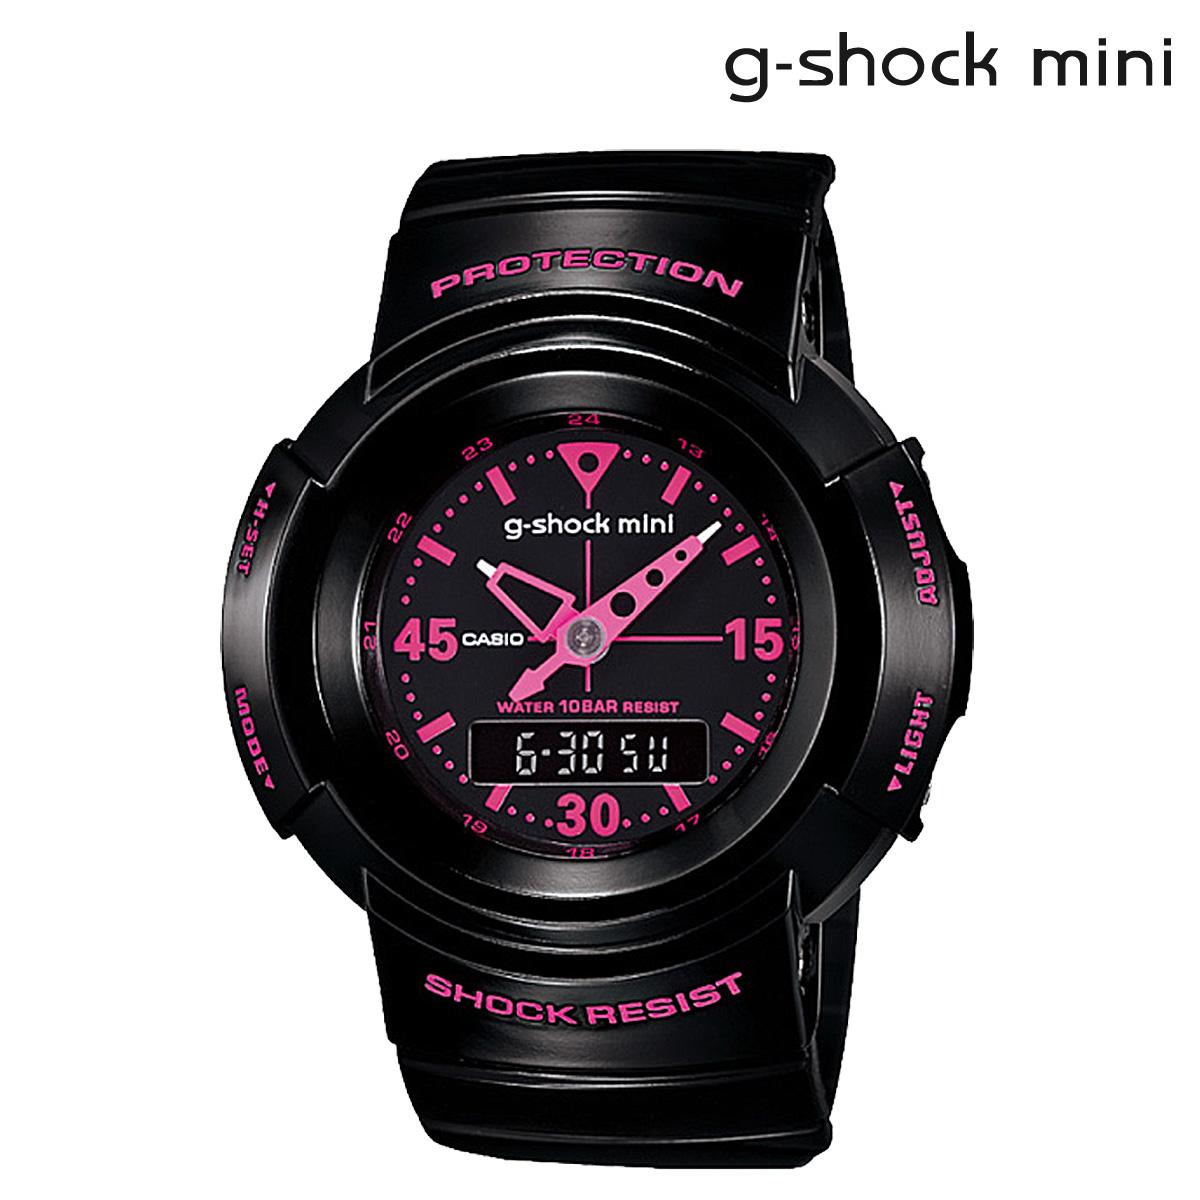 CASIO カシオ g-shock mini 腕時計 GMN-500-1B2JR ジーショック ミニ Gショック G-ショック レディース